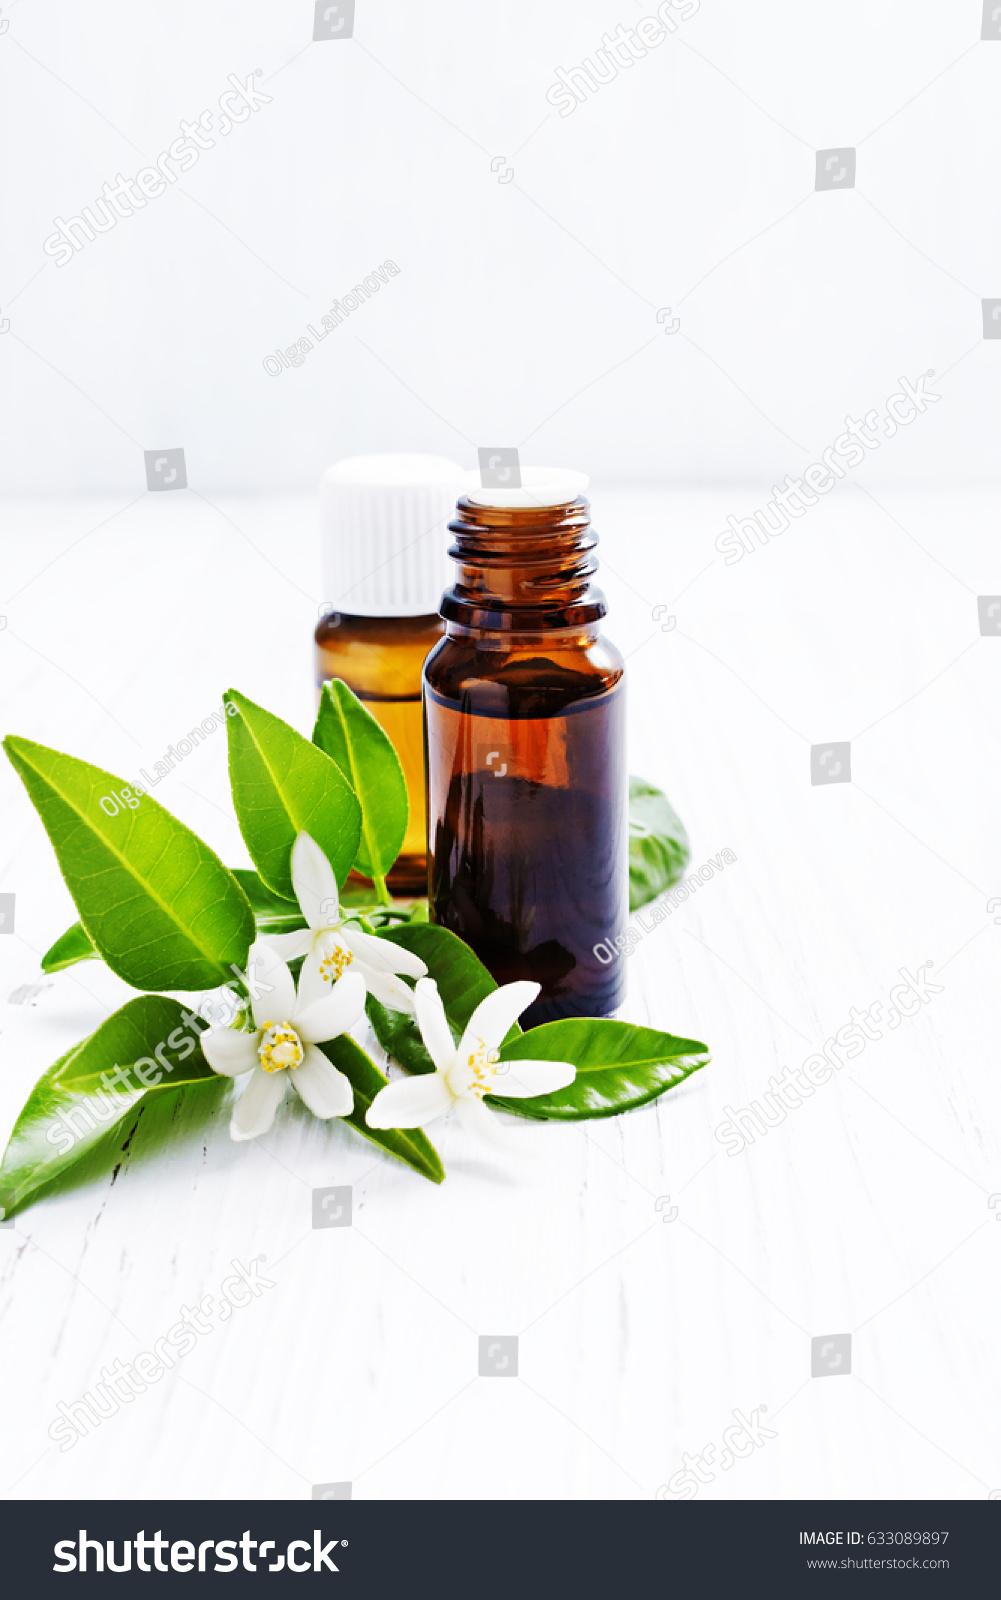 White flower analgesic balm uses image collections fresh lotus flowers white flower analgesic balm ingredients image collections flower mightylinksfo